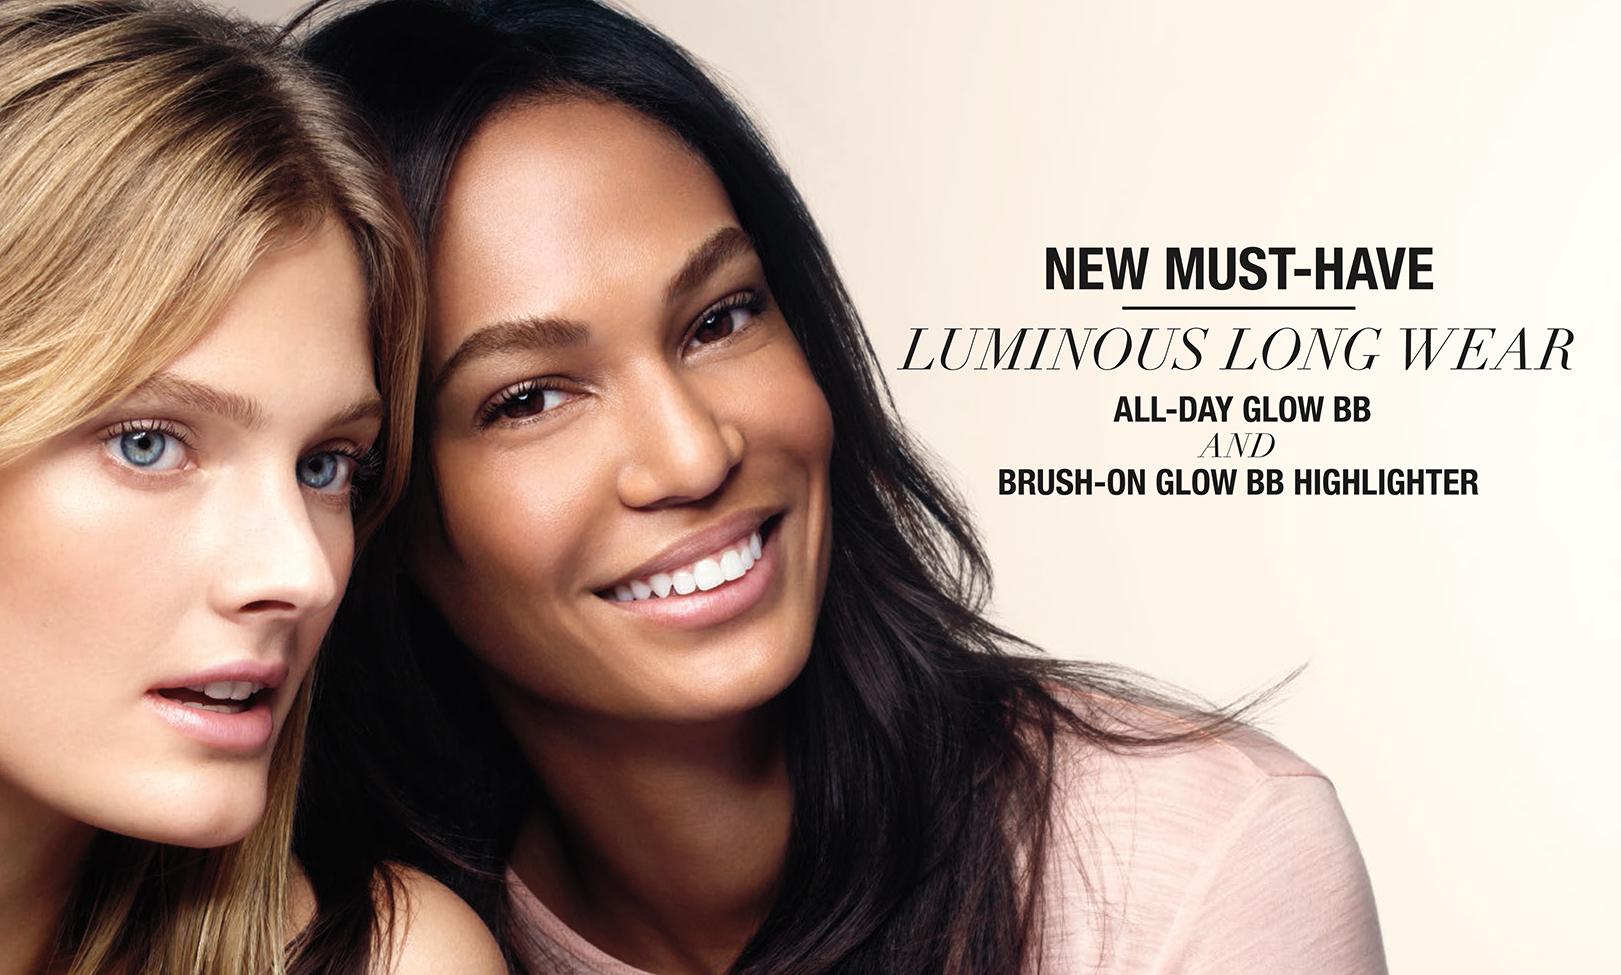 EL-luminous-long-wear.jpg